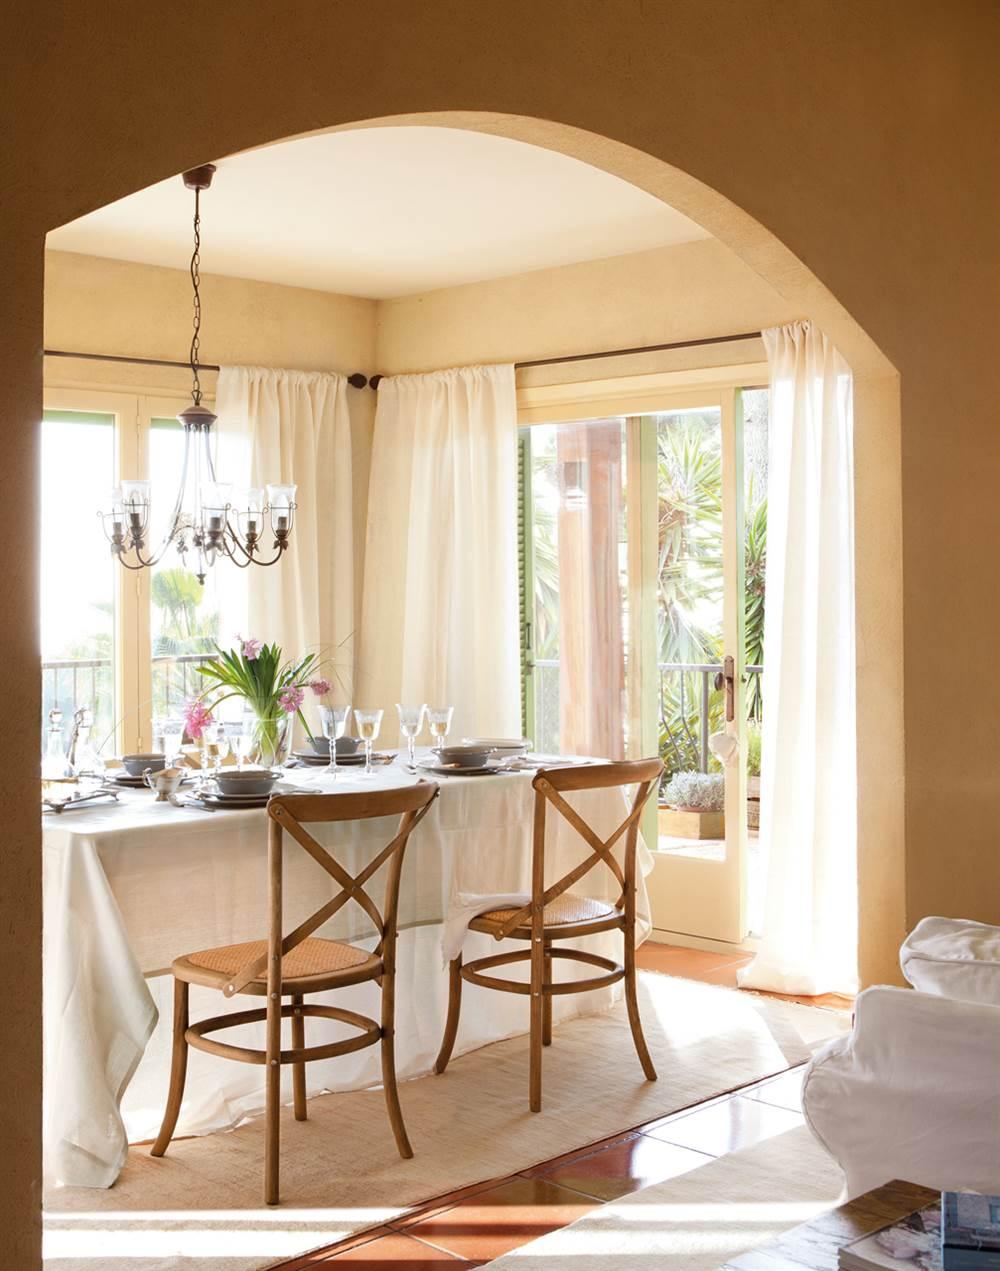 Casa de estilo provenzal for Casa muebles decoracion